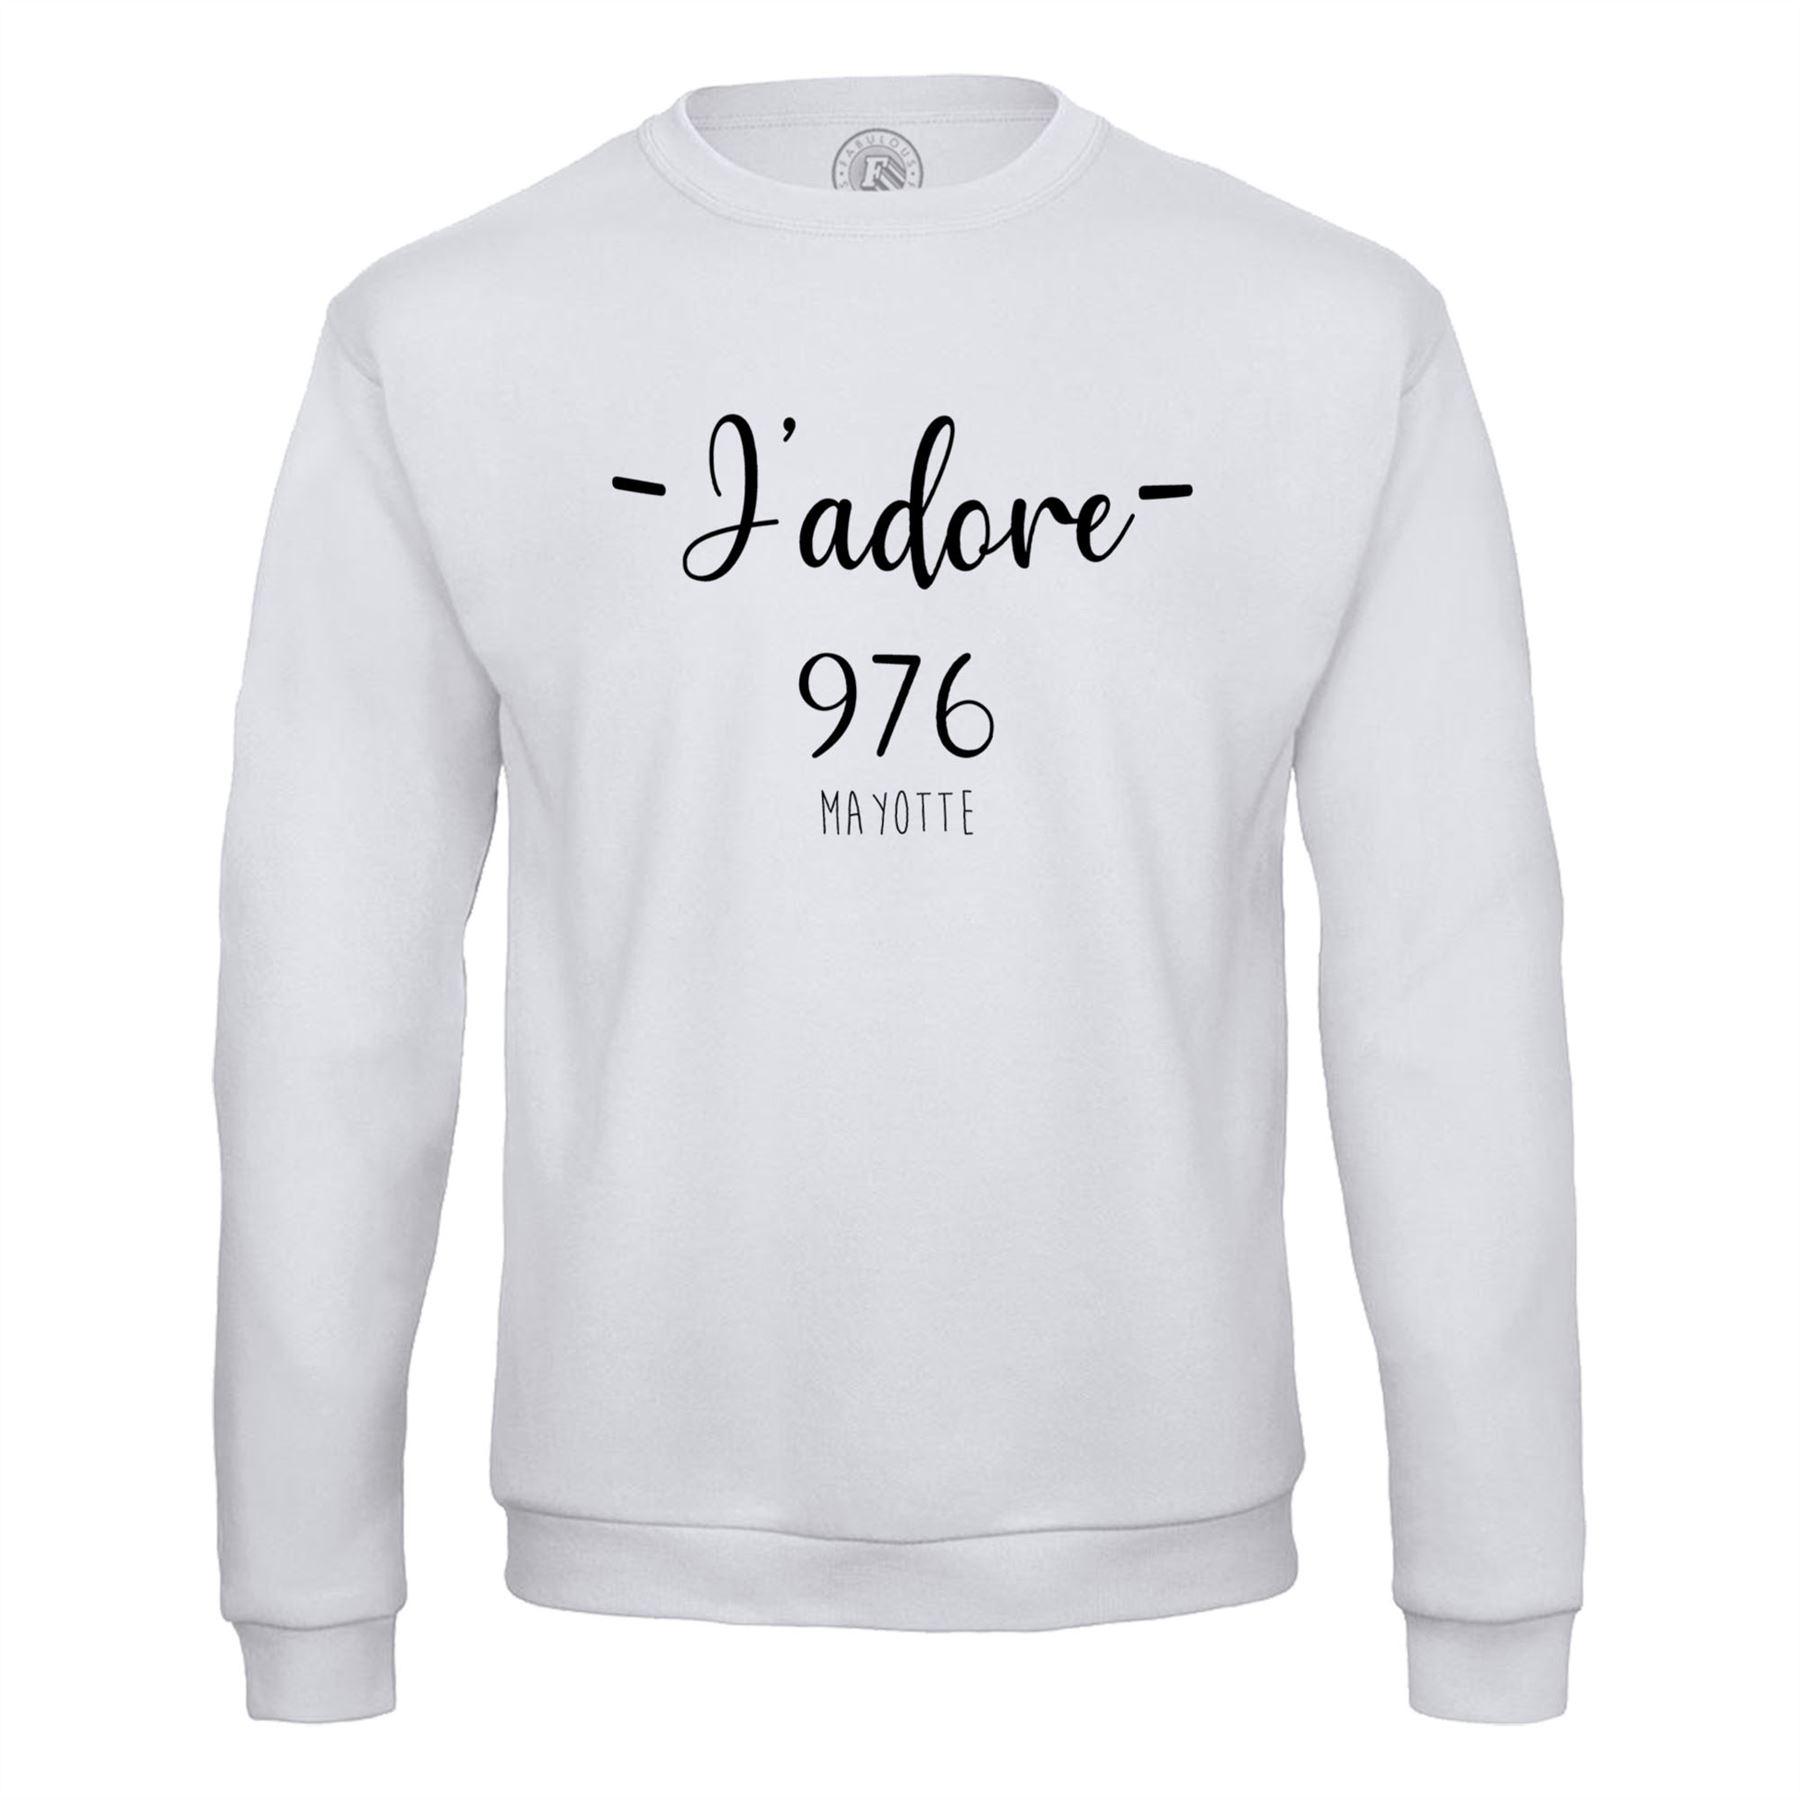 Détails Sur Sweat Shirt Homme J'adore 976 Mayotte Departement France Region tout Région Et Département France